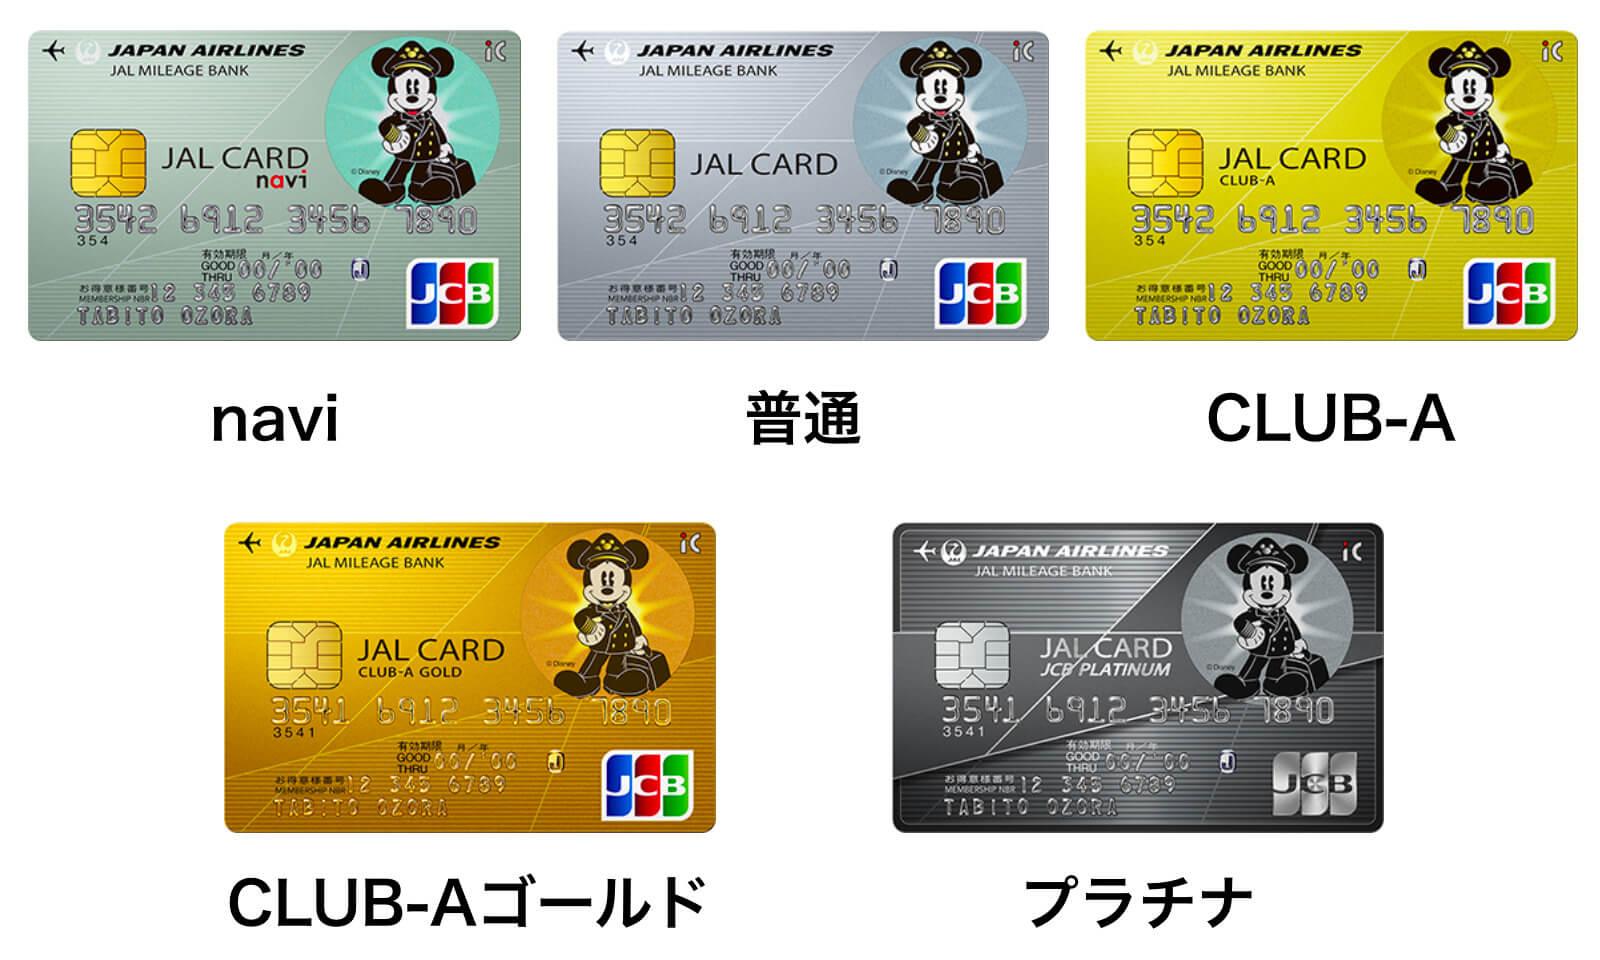 JALカード(ディズニー・デザイン) の券面